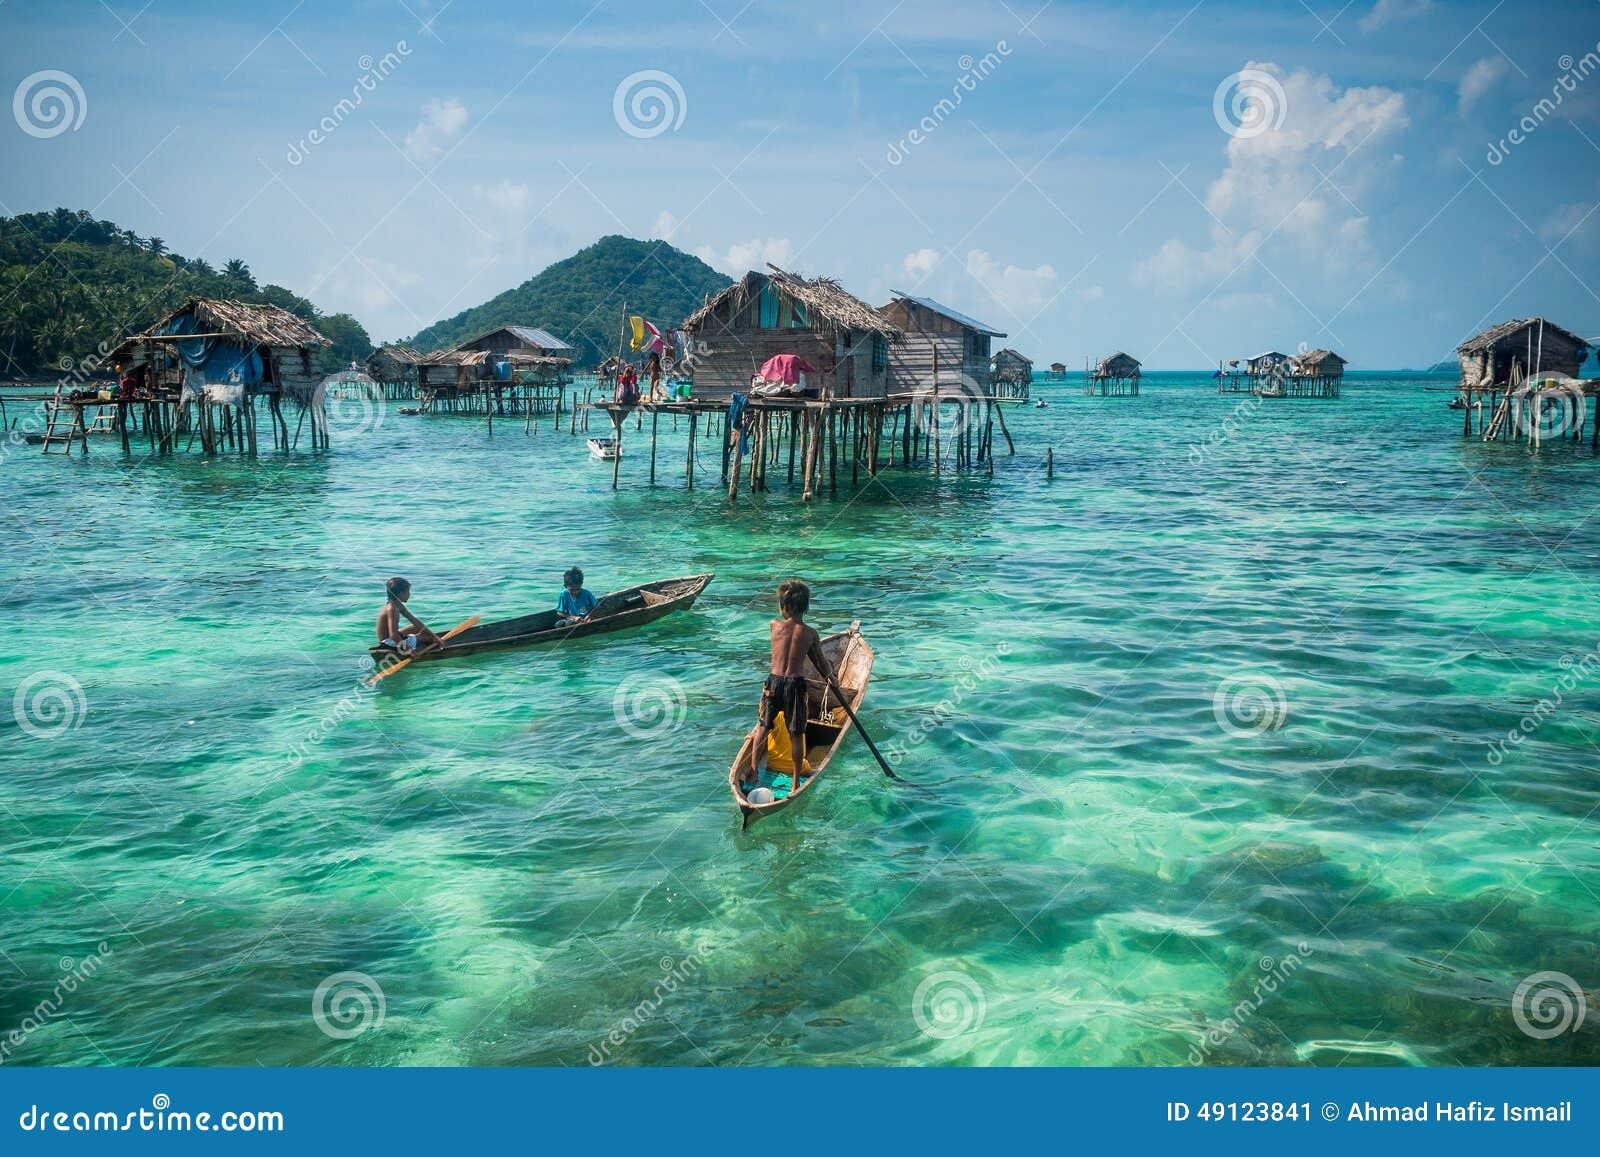 Crianças aciganadas do mar em sua sampana com sua casa em pernas de pau no